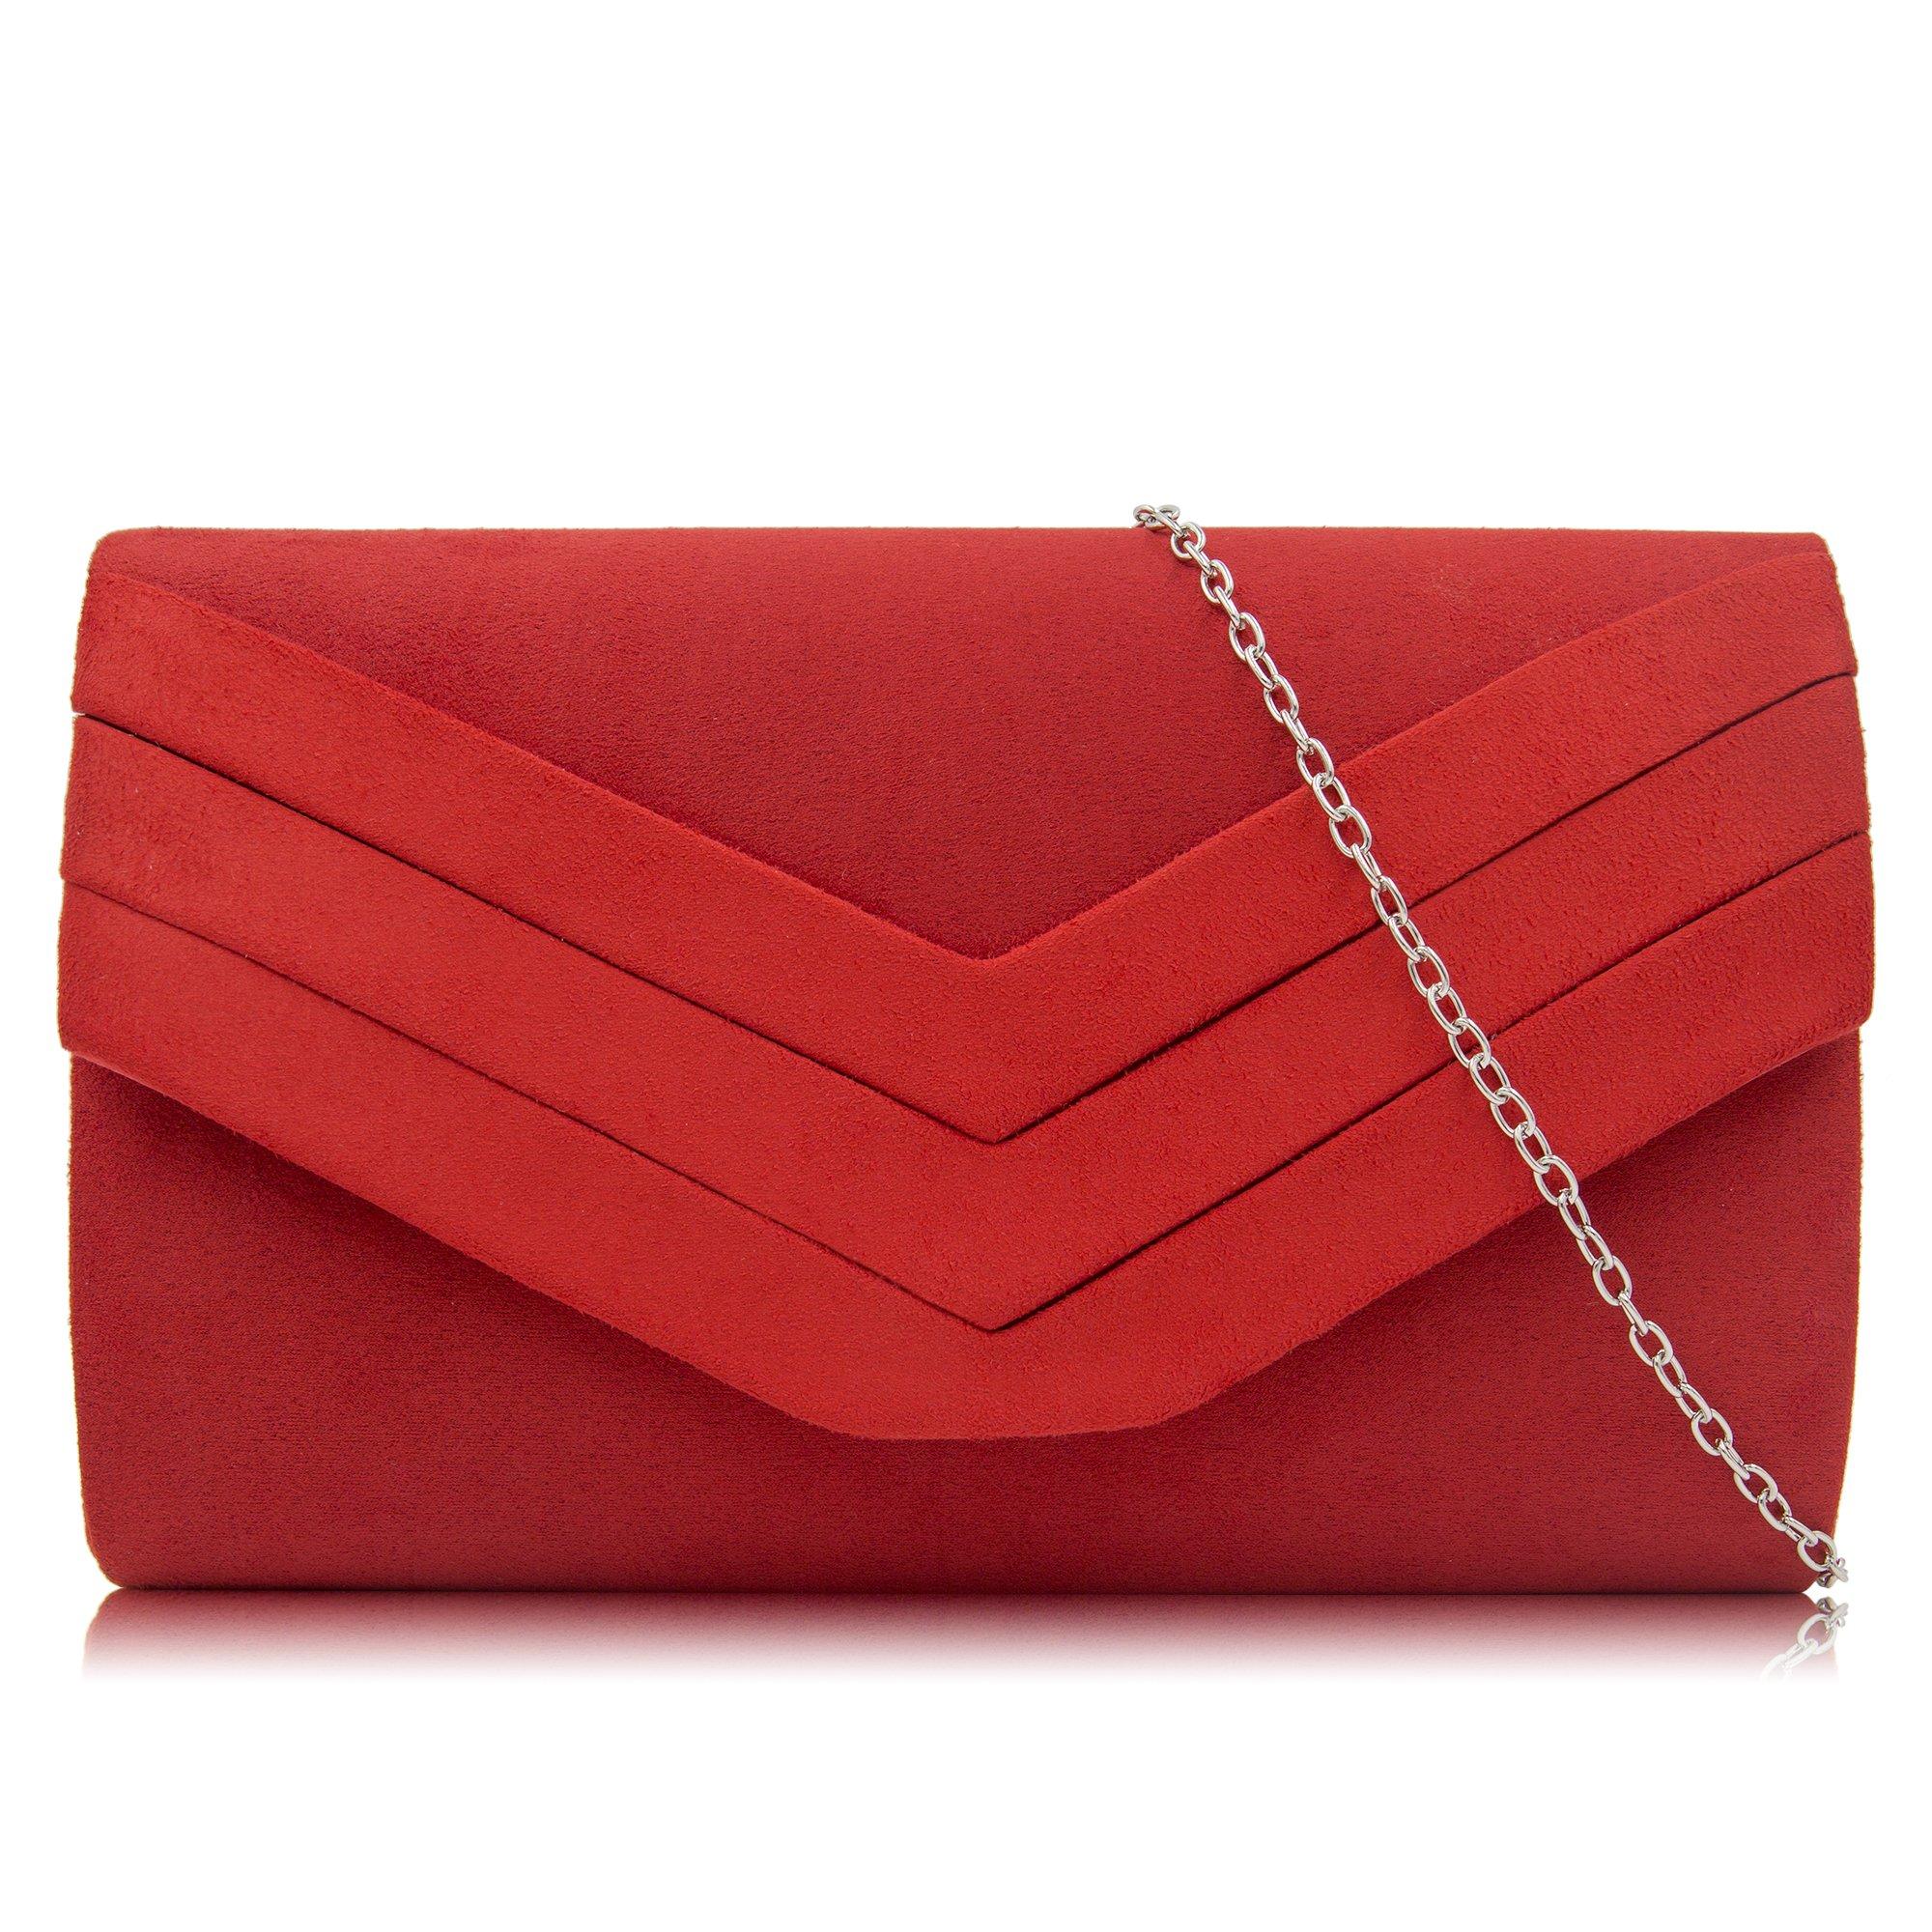 Milisente Clutch Purses for Women Velvet Envelope Evening Bags Classic Shoulder Clutch Purse (Red)